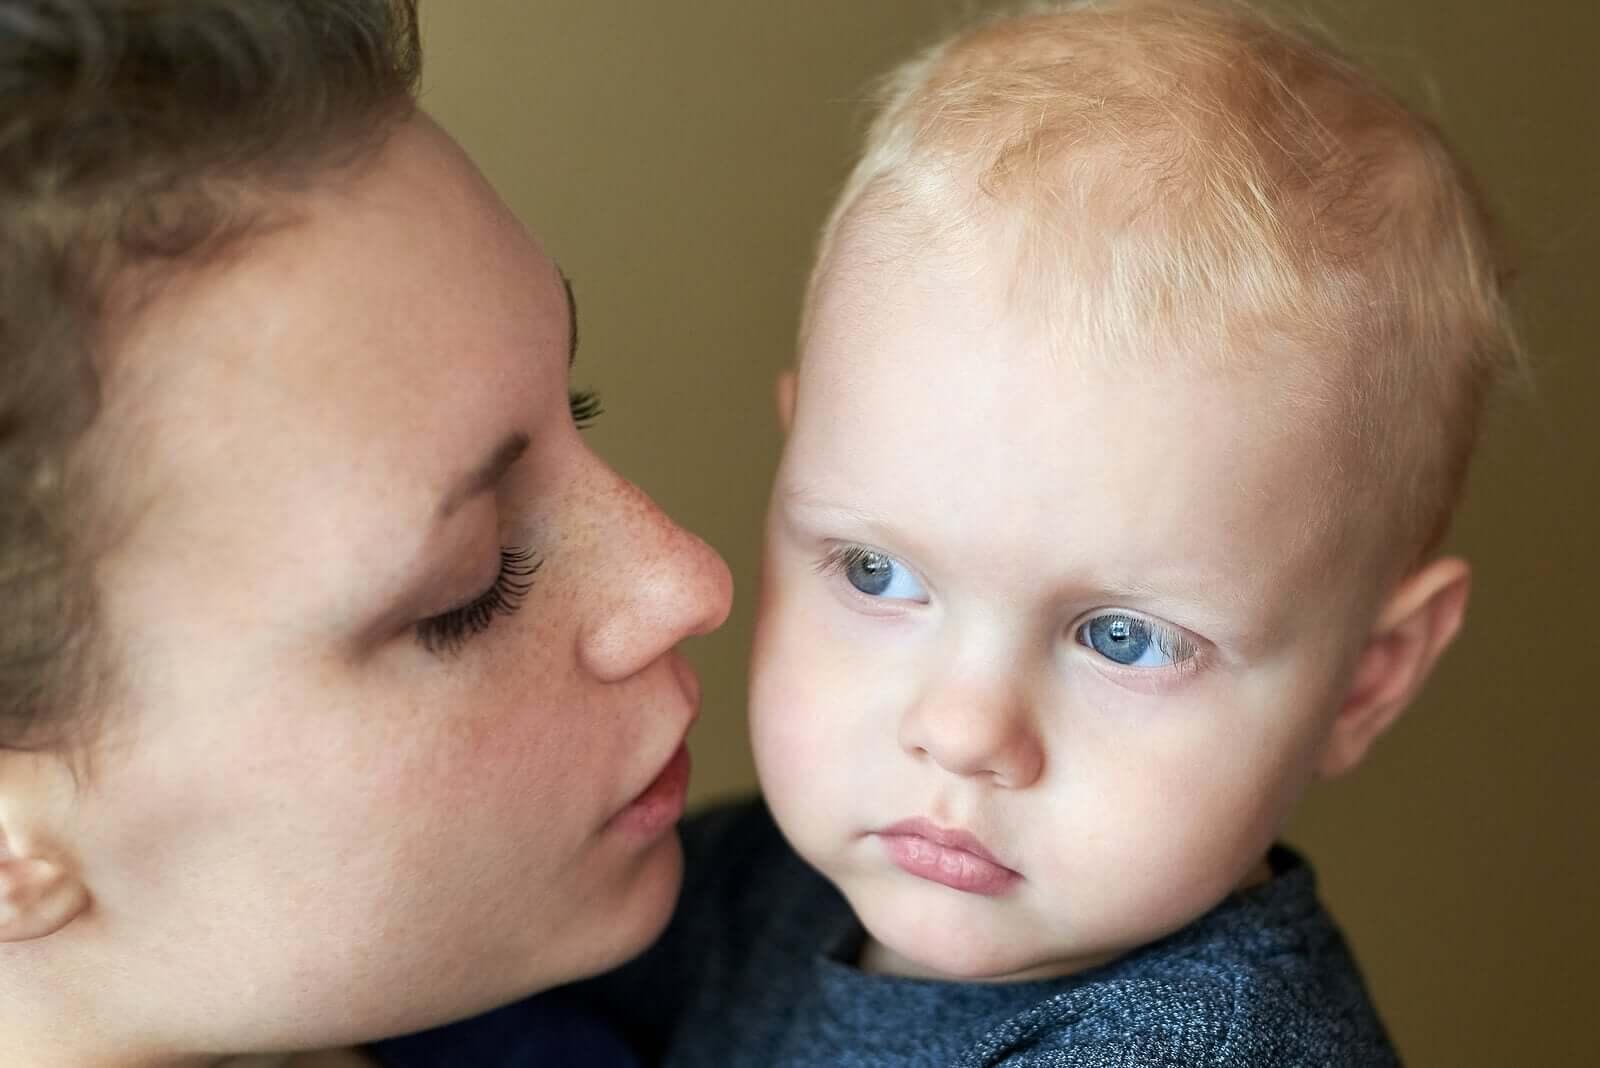 mentiras que não devemos contar aos nossos filhos